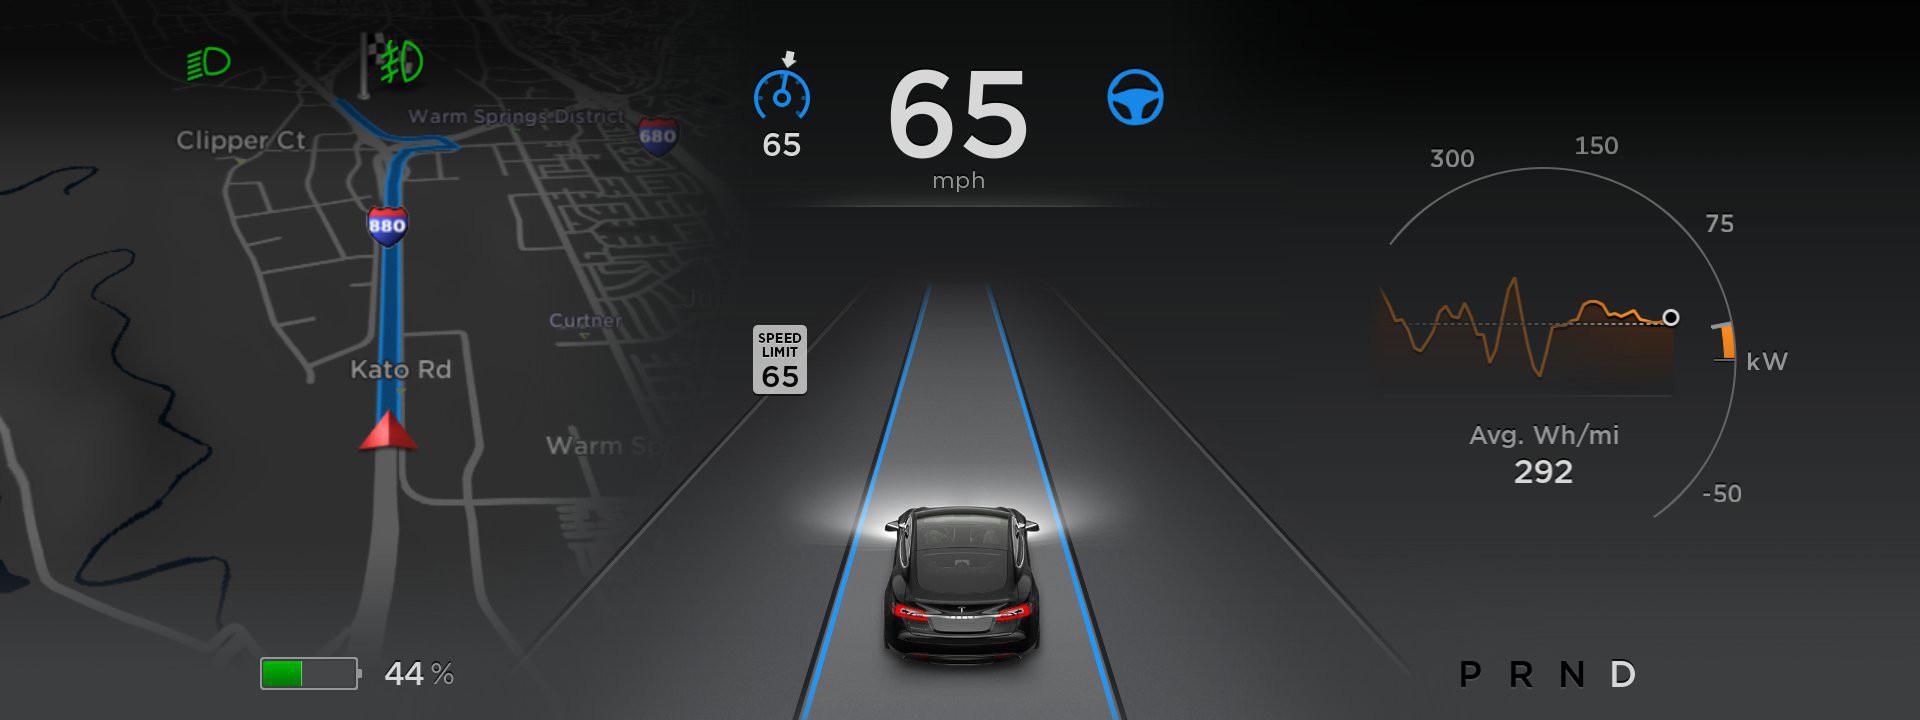 Автопилот Tesla спас жизнь водителю: довёз до больницы